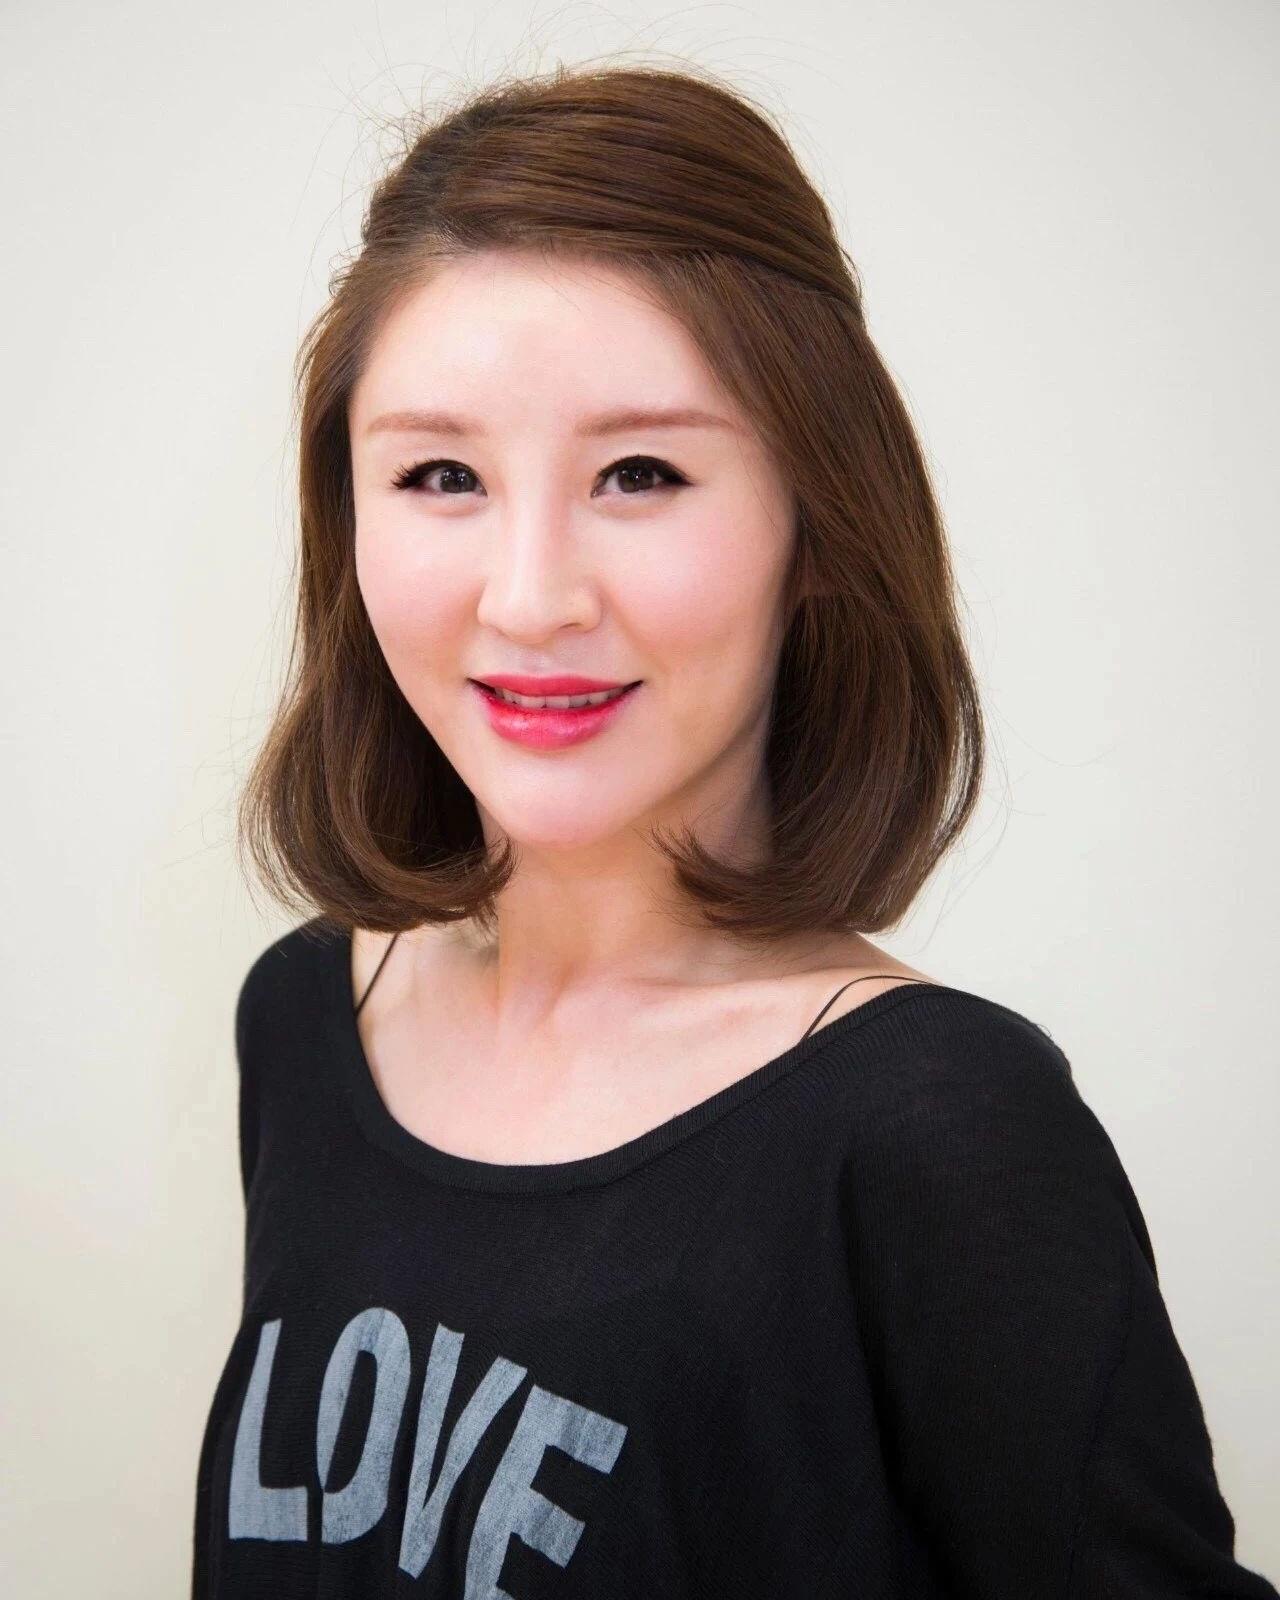 - Zhang XiOwner, Dance Teacher & Choreographer